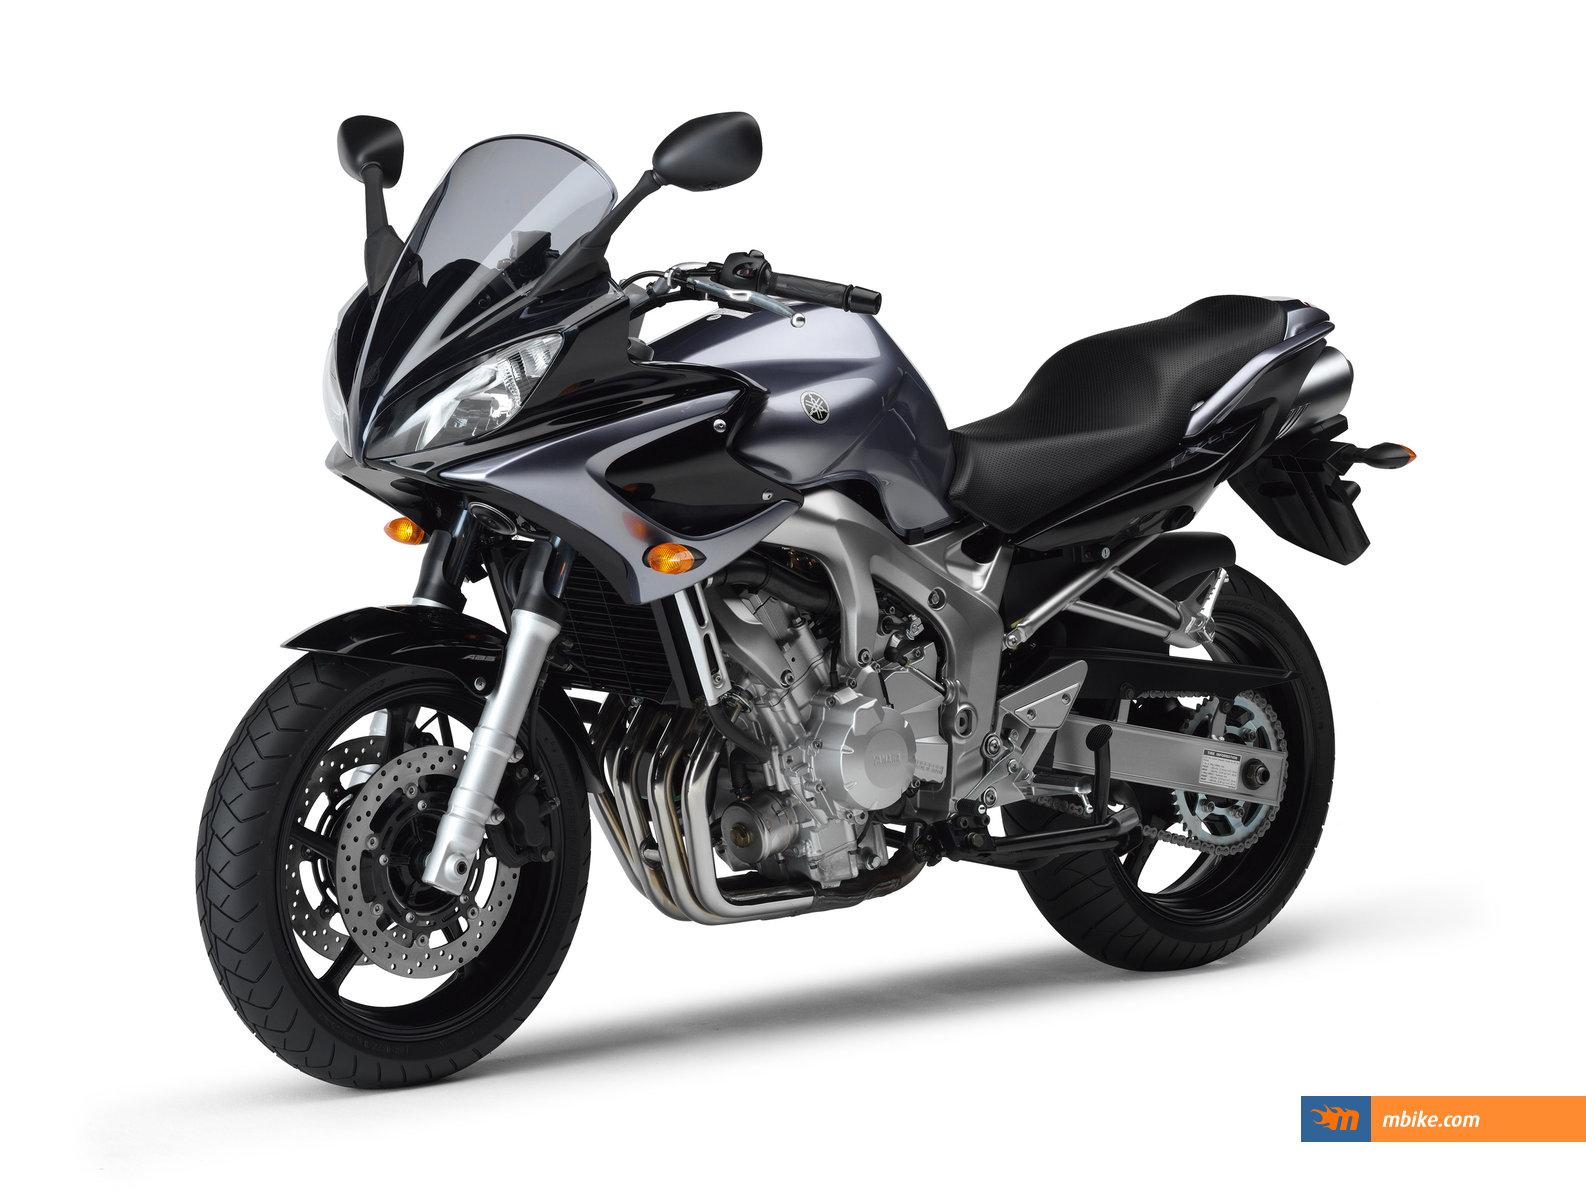 2007 Yamaha FZ 6S ABS (Fazer)   Yamaha fz, Yamaha, Abs